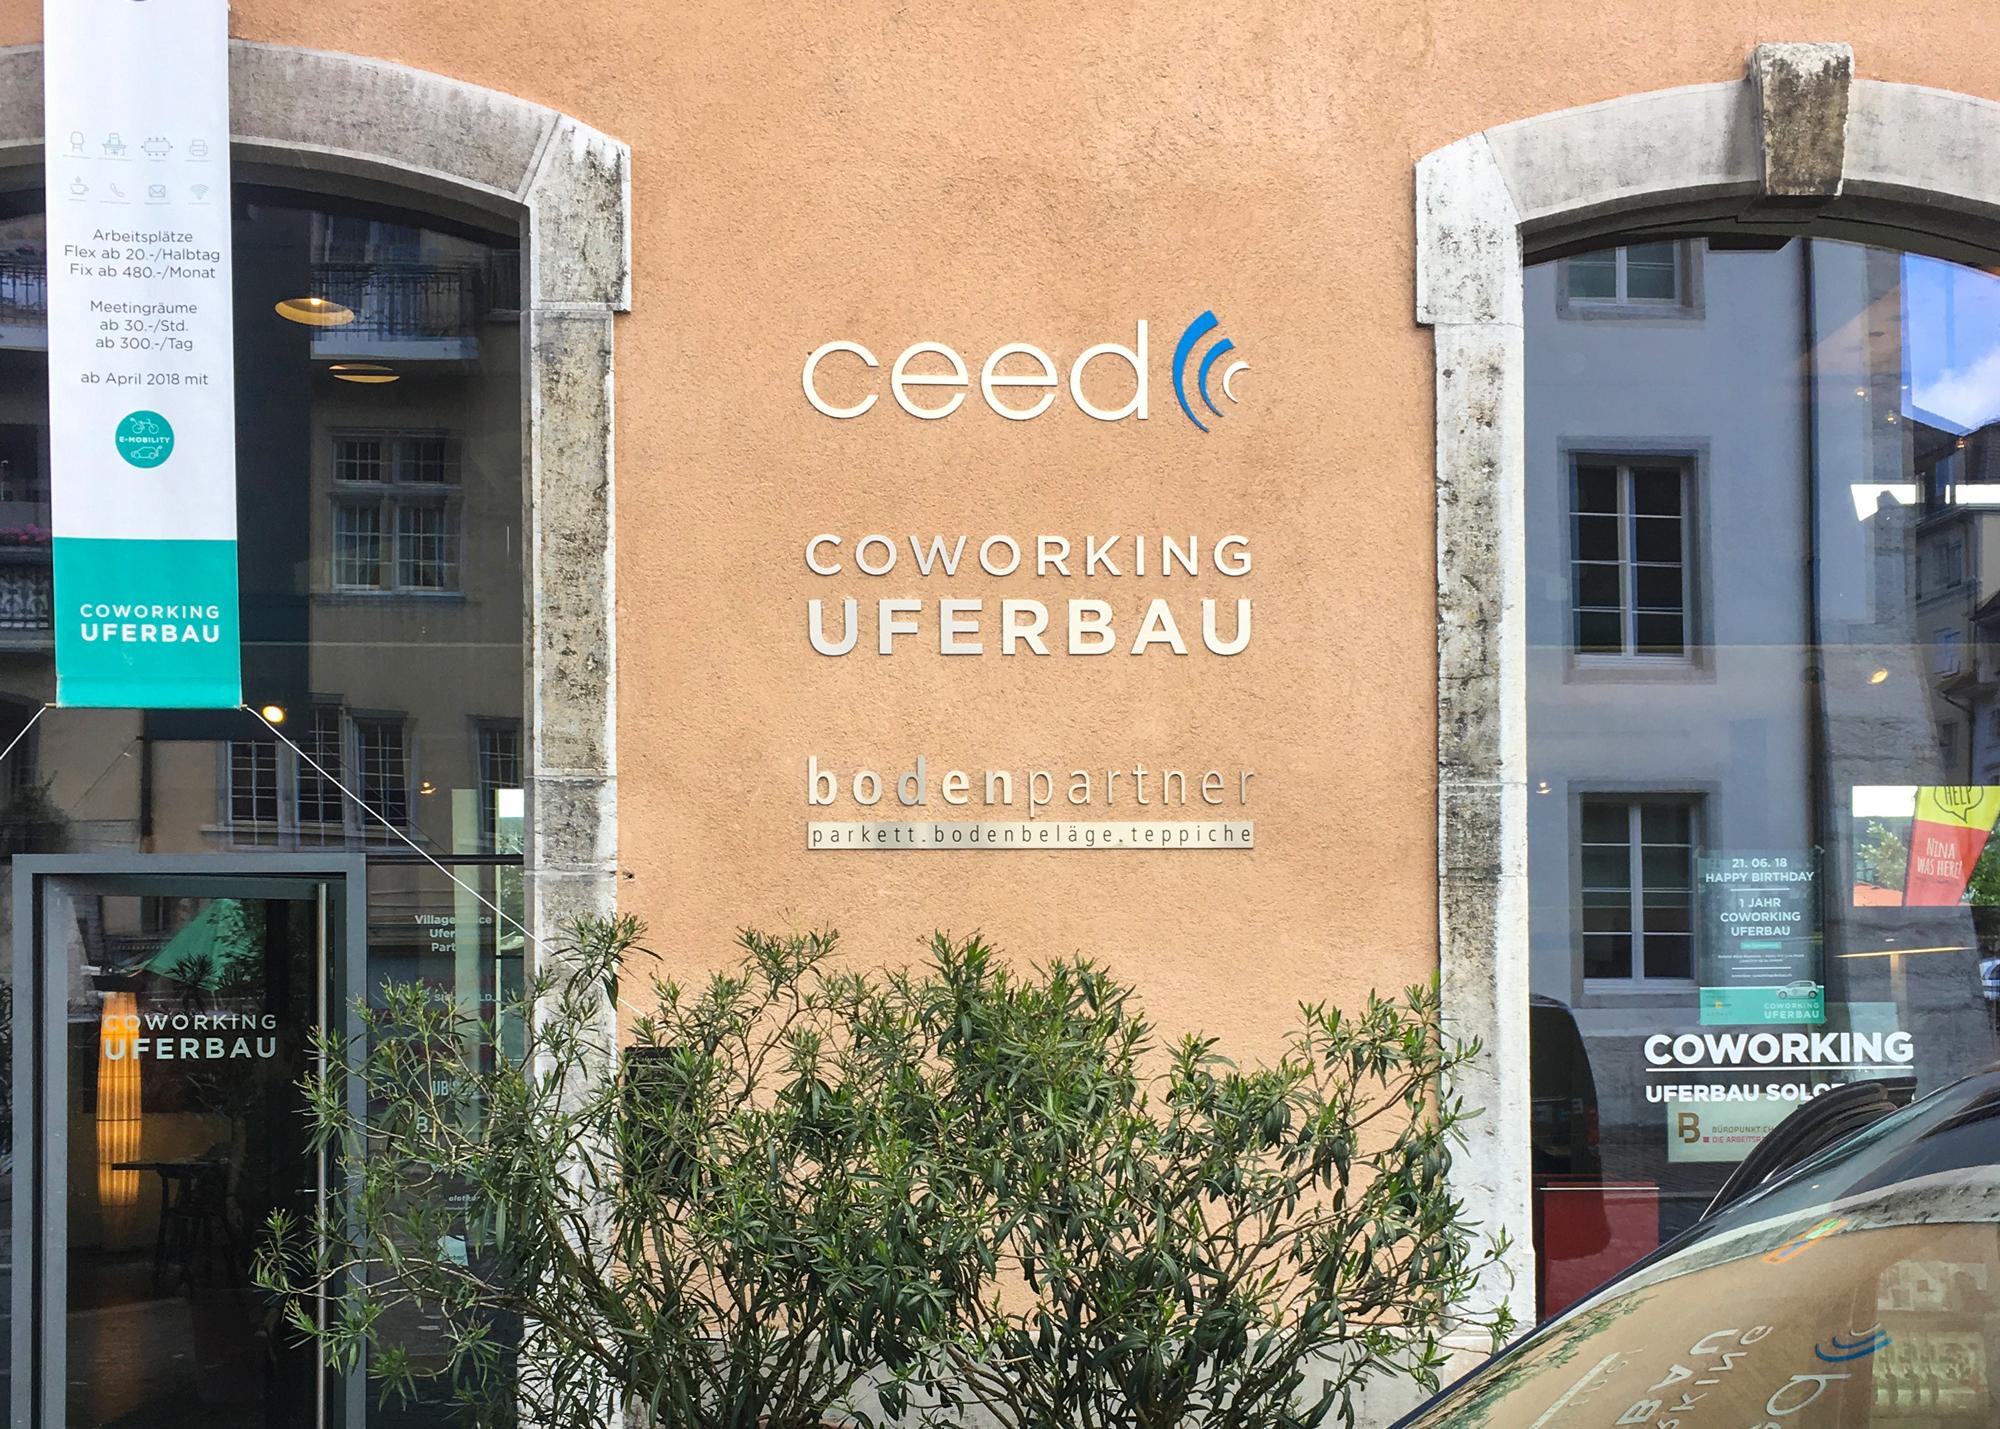 Coworking-Uferbau.jpg